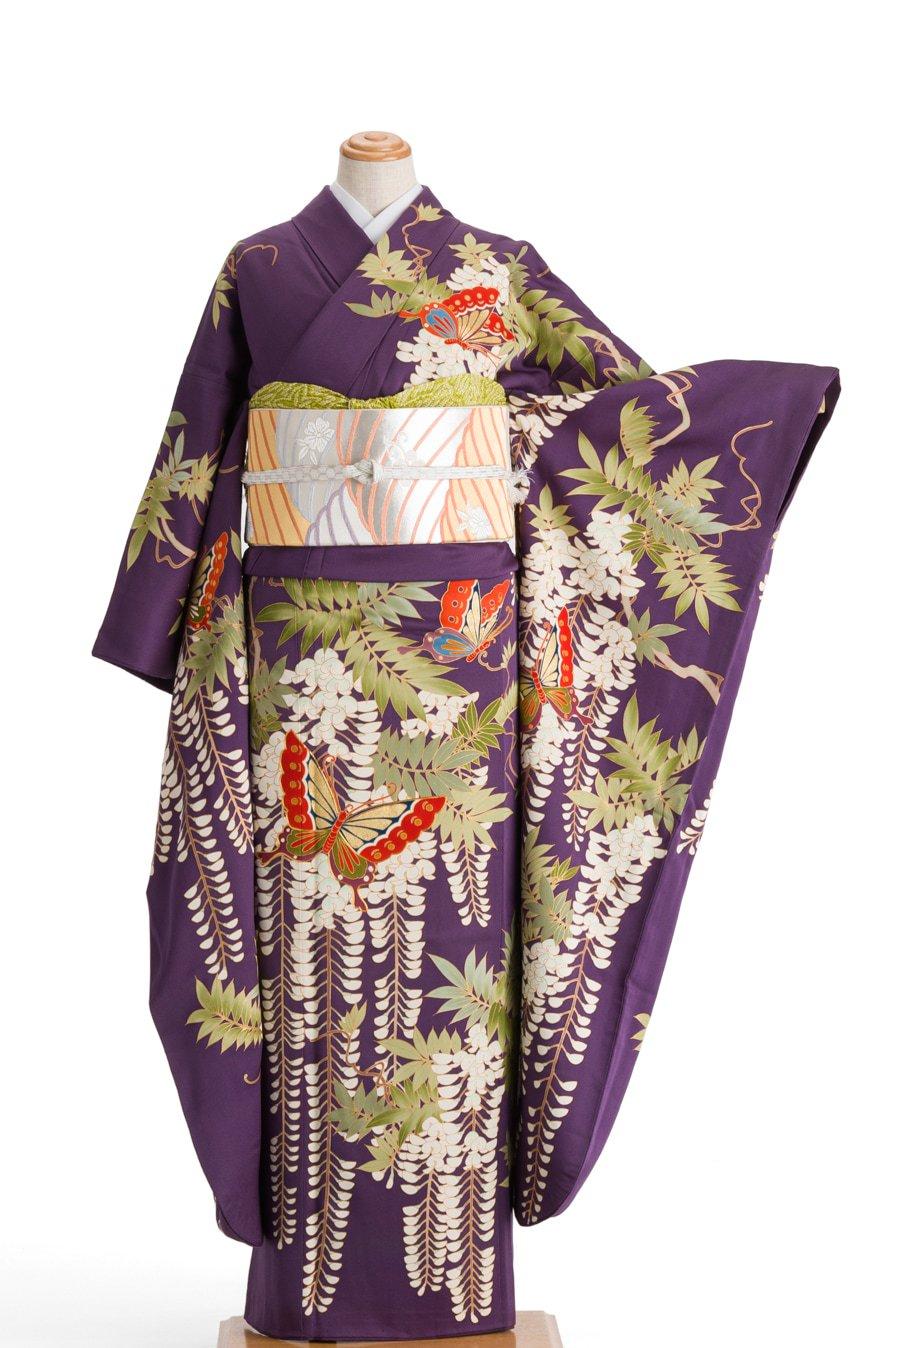 「振袖 藤に揚羽蝶」の商品画像